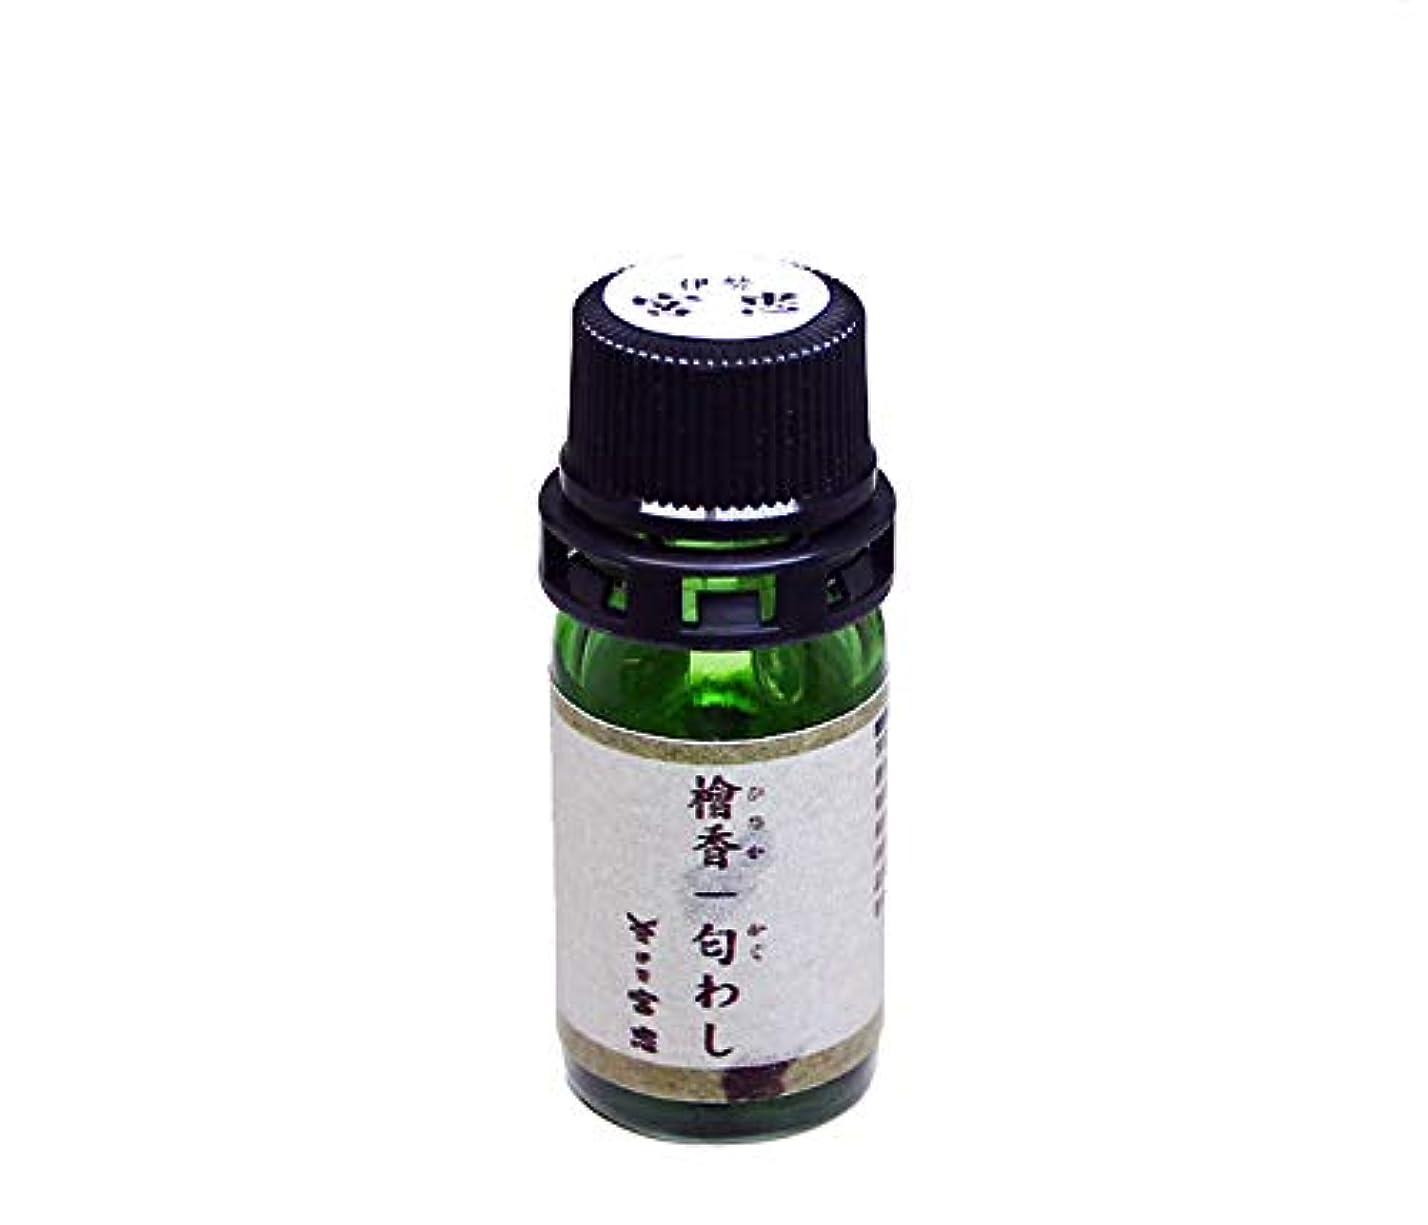 ホイッスル大いに衰える桧 精油 エッセンシャルオイル 檜香(ひのか) 匂わし 5ml